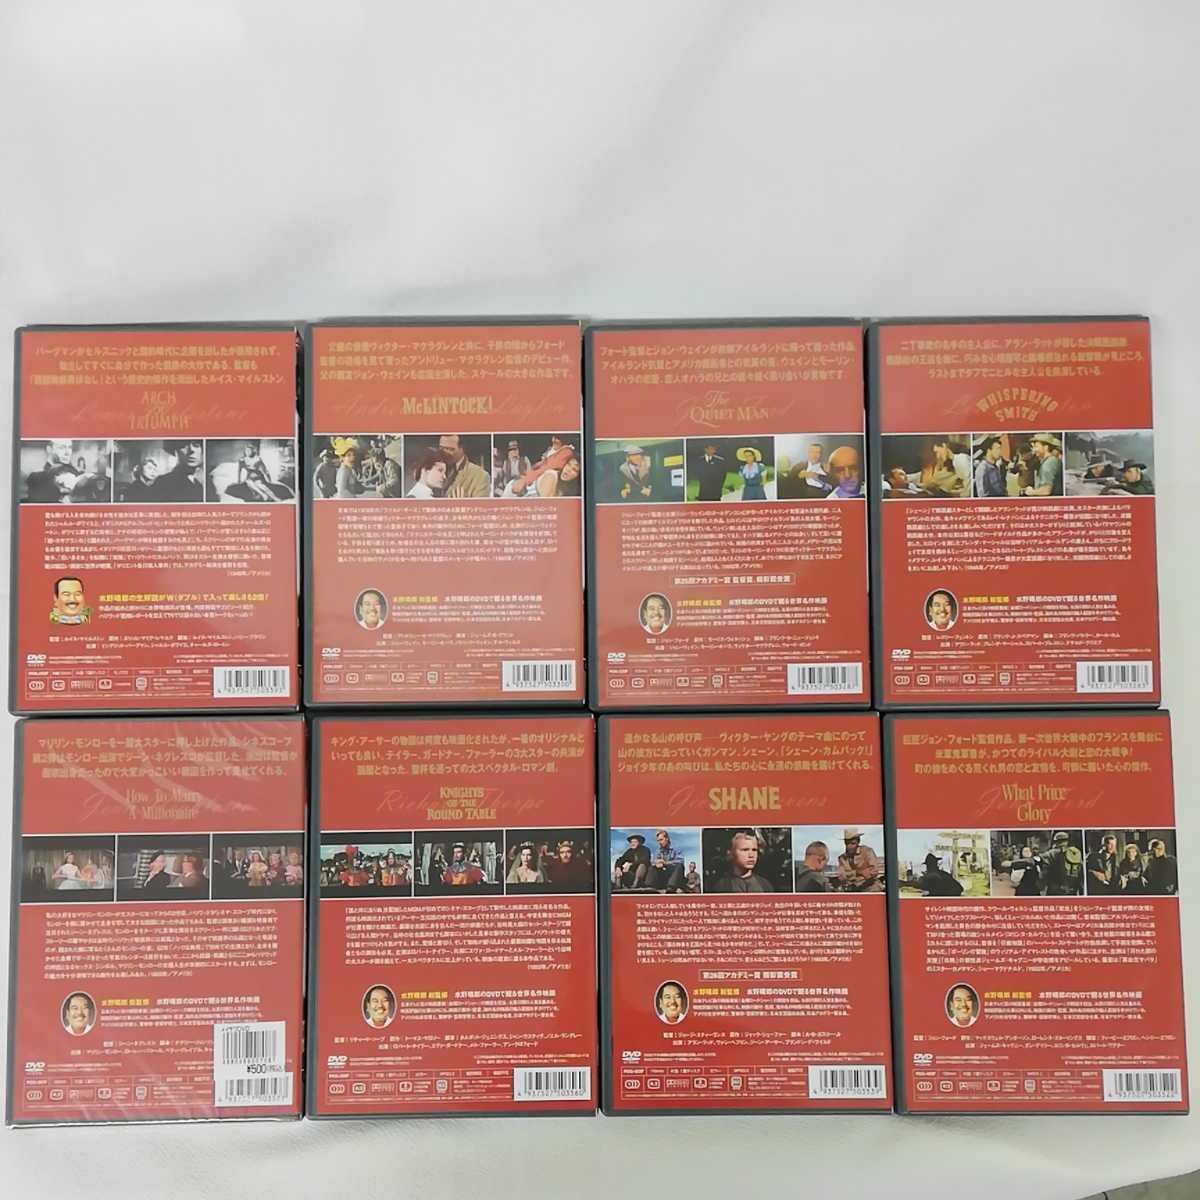 598 世界名作映画 水野晴郎のDVDで観る世界名作映画 など 洋画 15枚セット KEEP_画像5